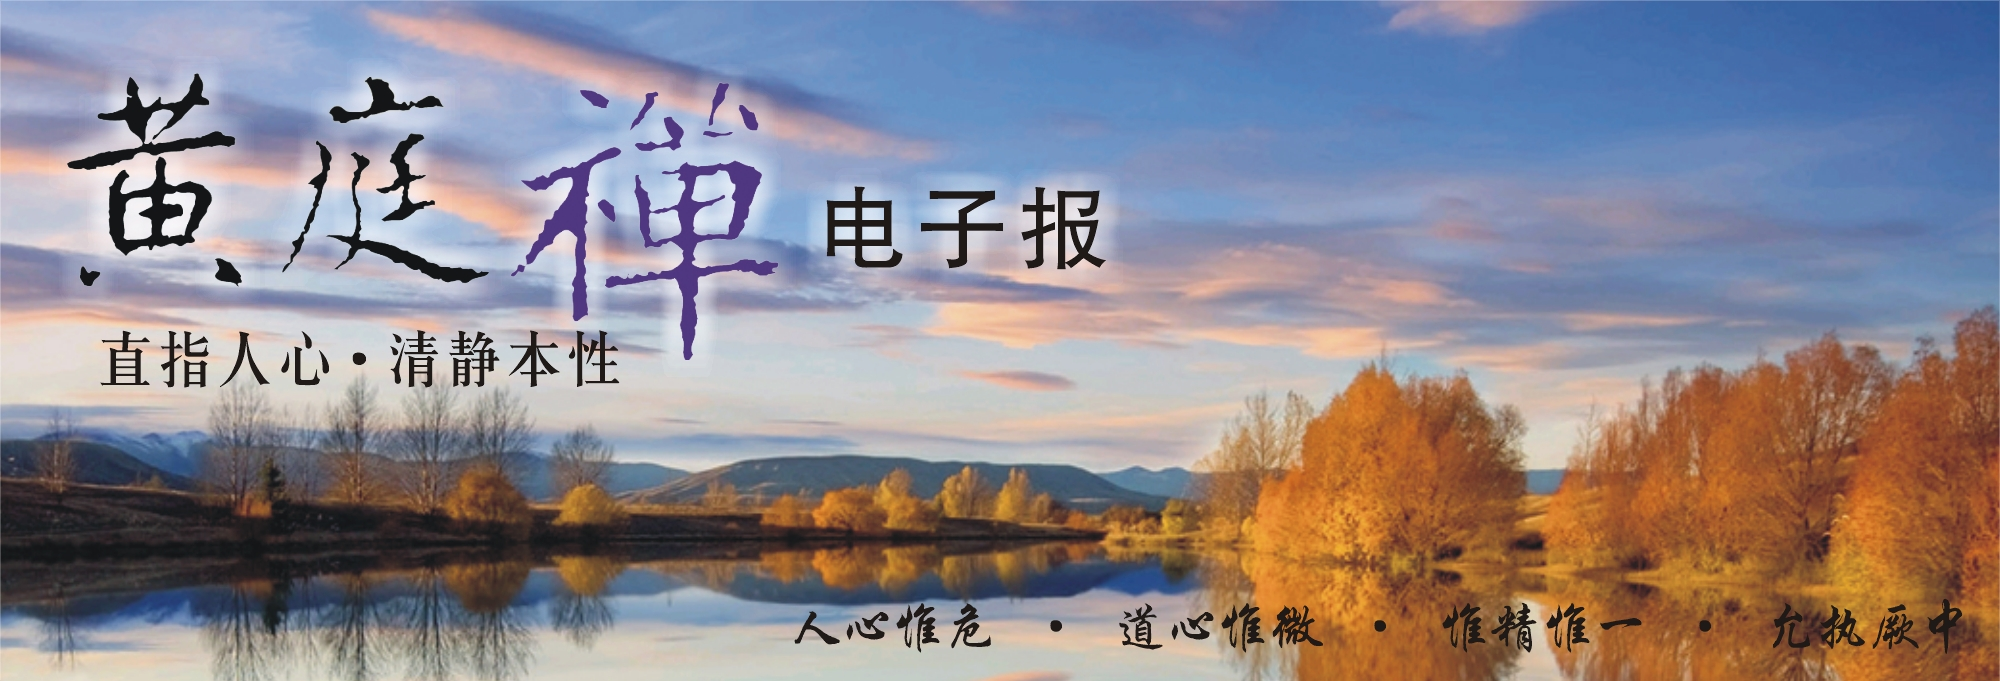 中华黄庭禅学会2014.09.11电子报